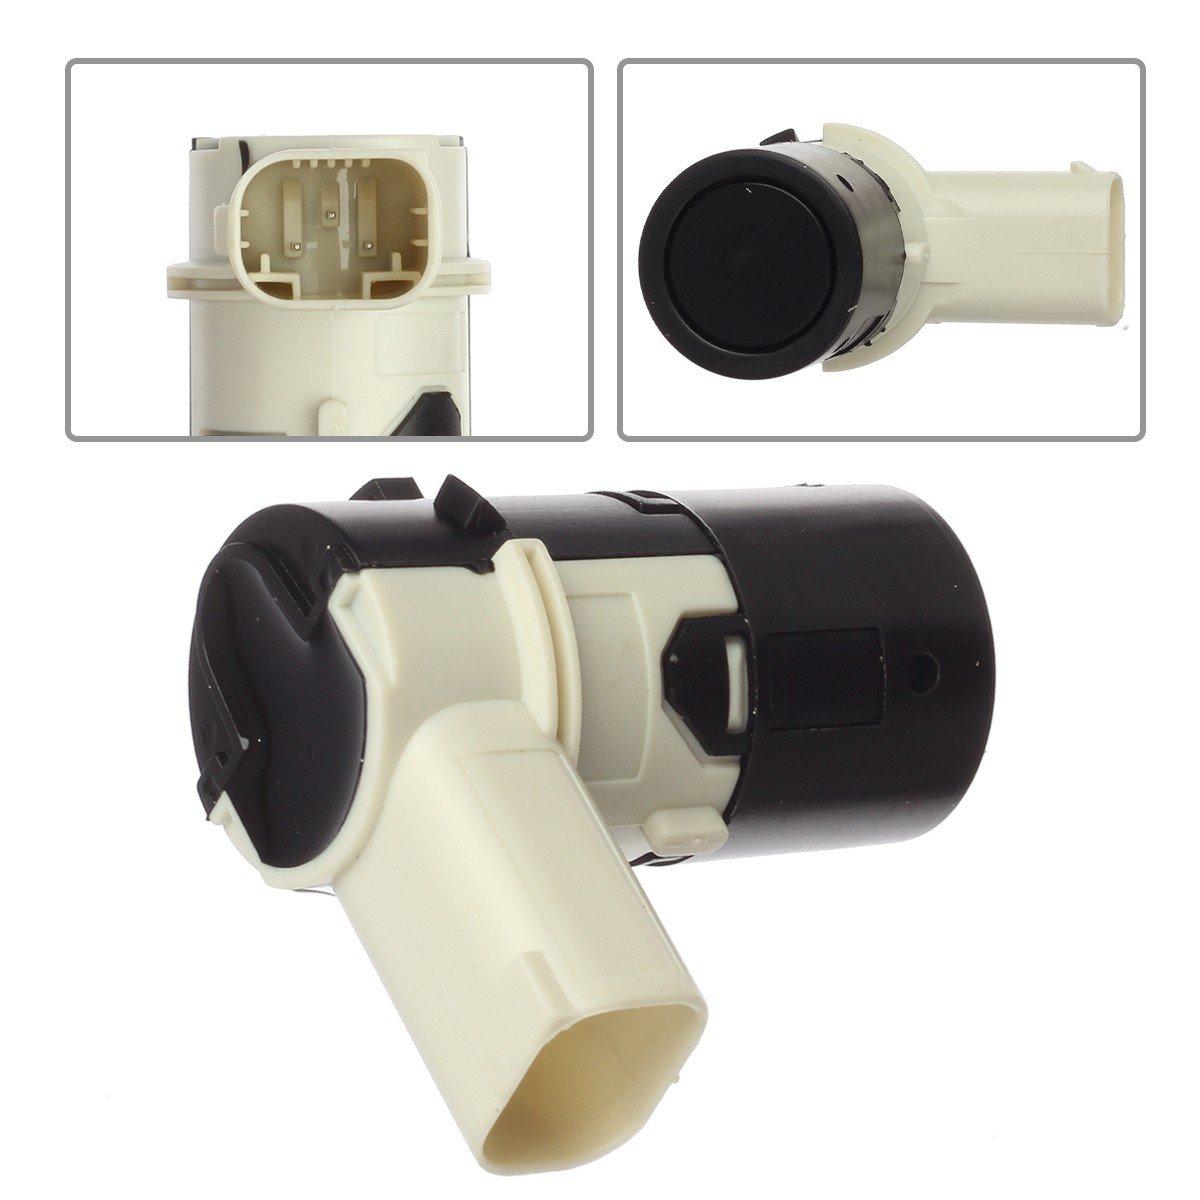 AUTEX 1pc Park Assist Sensor Packing Aid Sensor compatible with 2002-2003 BMW 525i 2.5L 2002-2003 BMW 530i 3.0L 2002-2008 Mini Cooper 1.6L